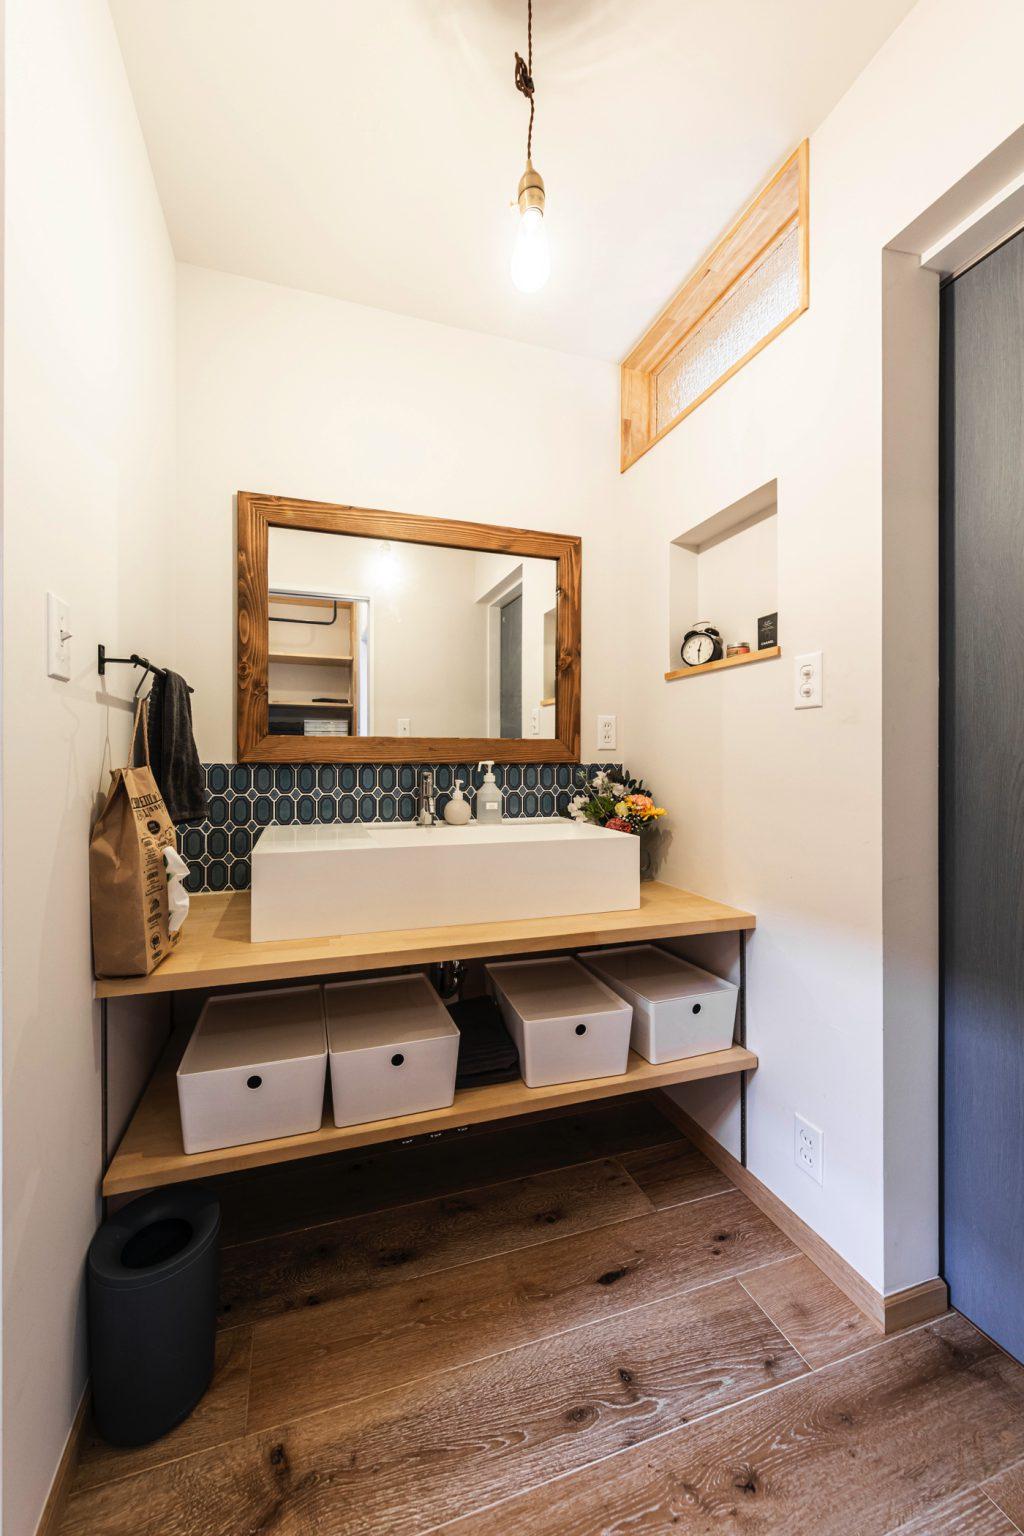 岐阜県土岐市戸建てリノベーション事例の洗面室